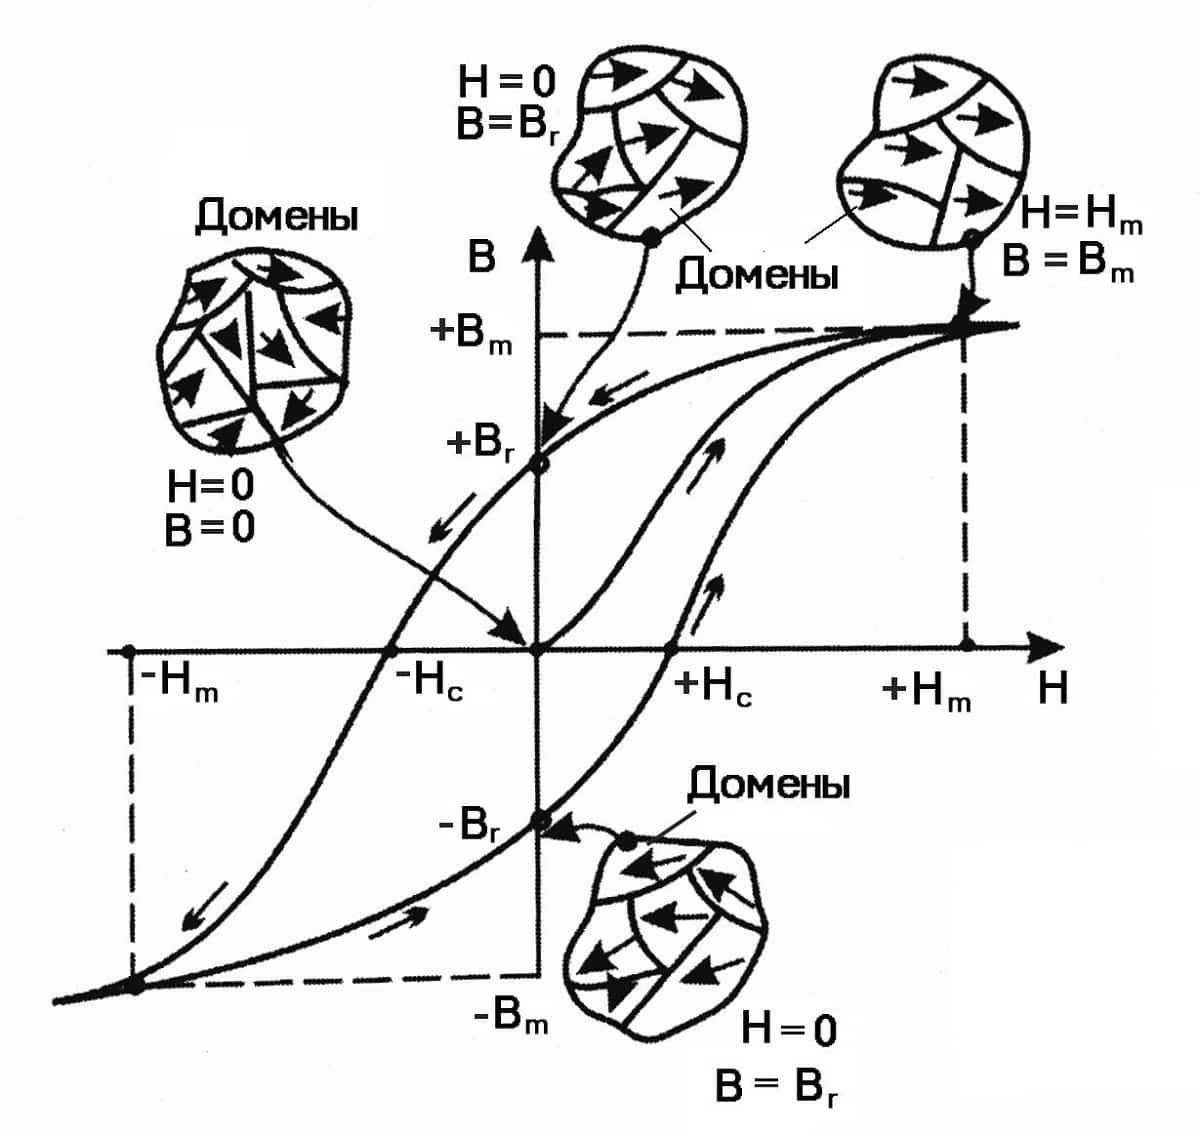 Механизм возникновения петли магнитного гистерезиса